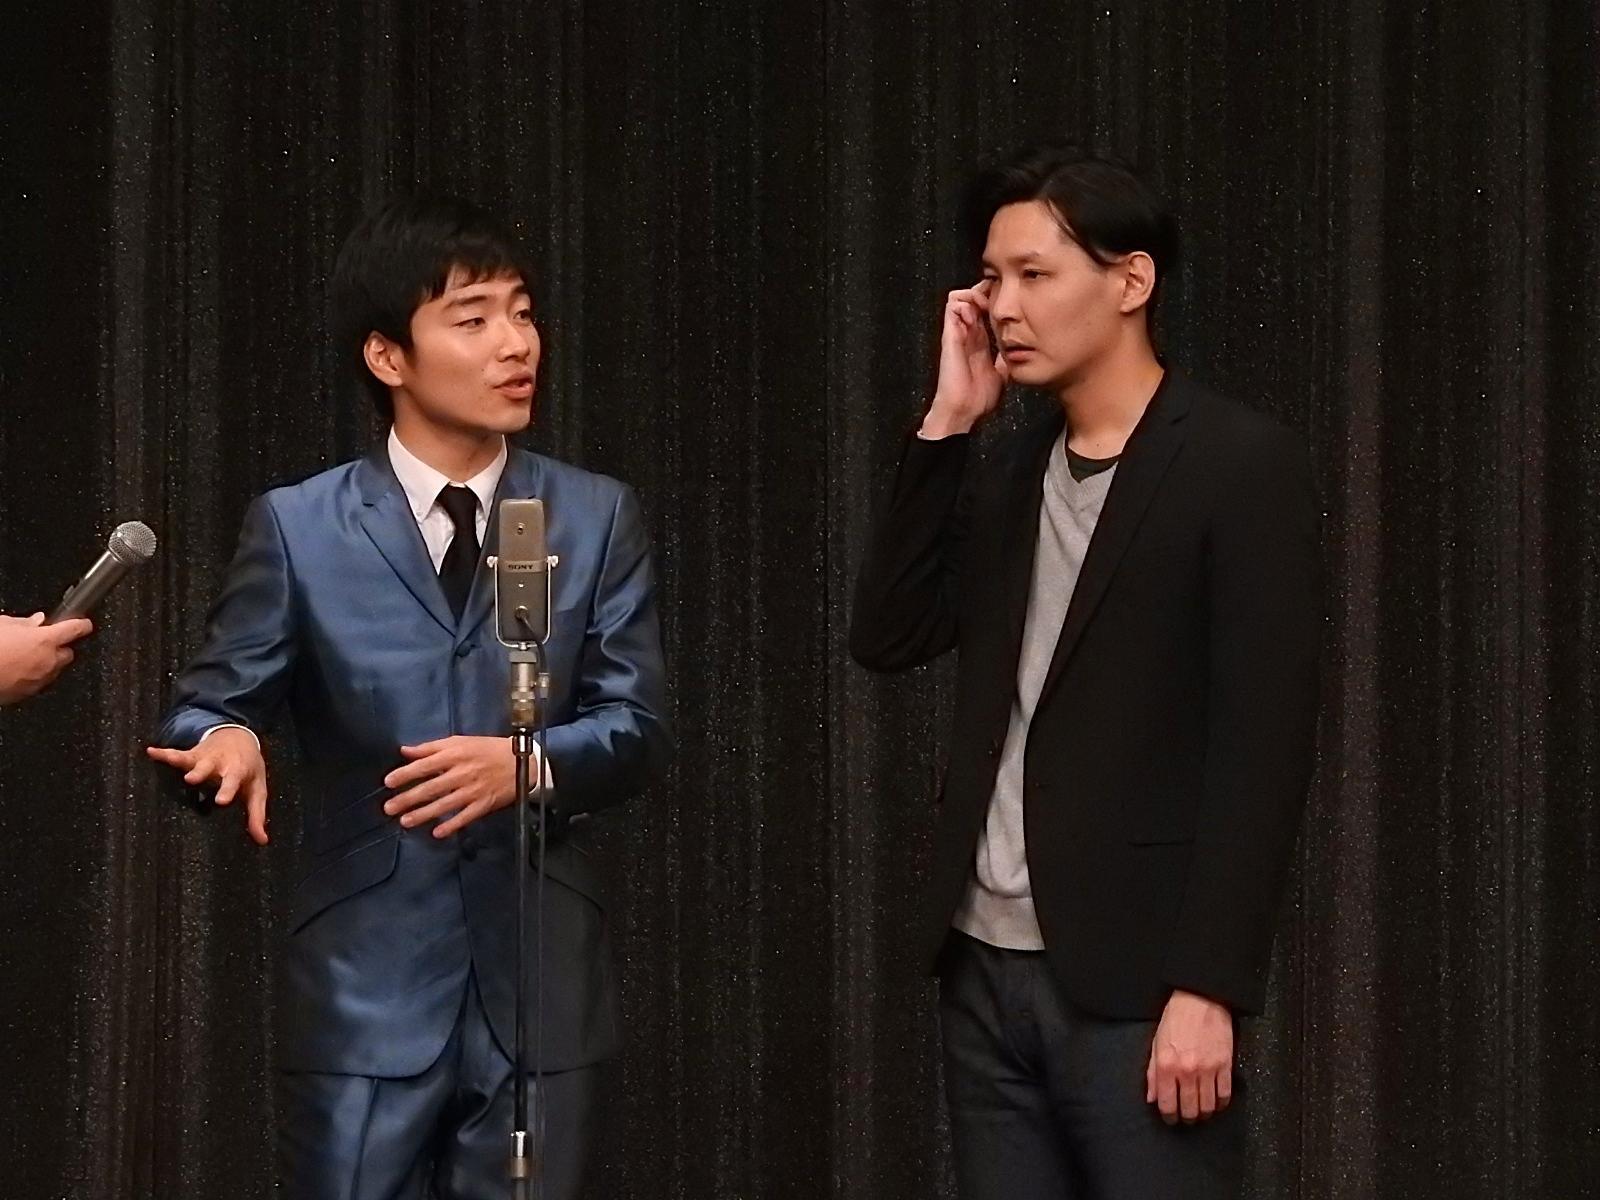 http://news.yoshimoto.co.jp/20171231214714-322fe3095c318274686b1fac791c3105678bc2b3.jpg